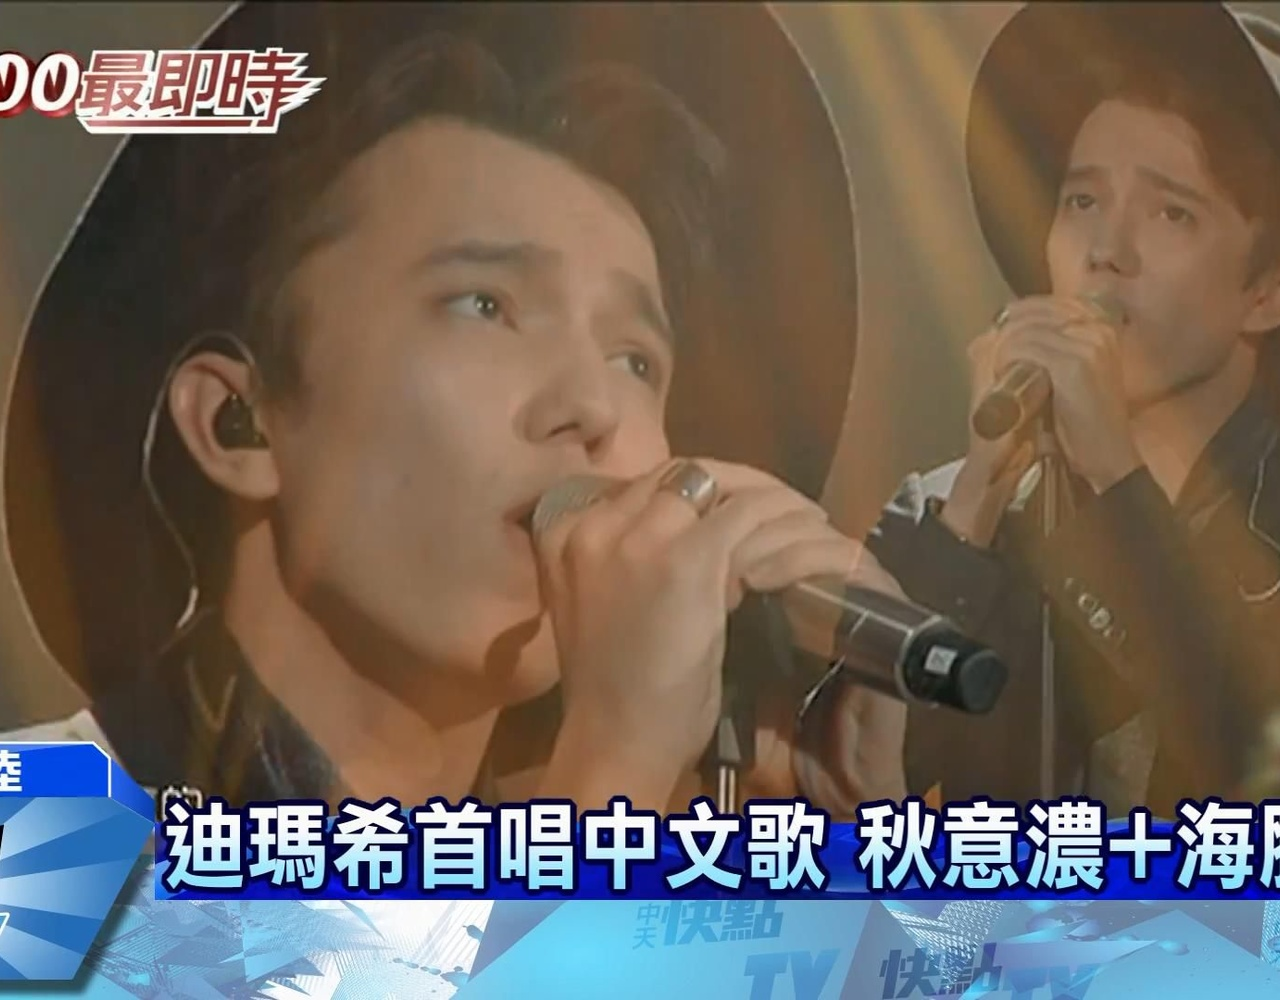 中天新聞 迪瑪希首唱中文歌 秋意濃+海豚音